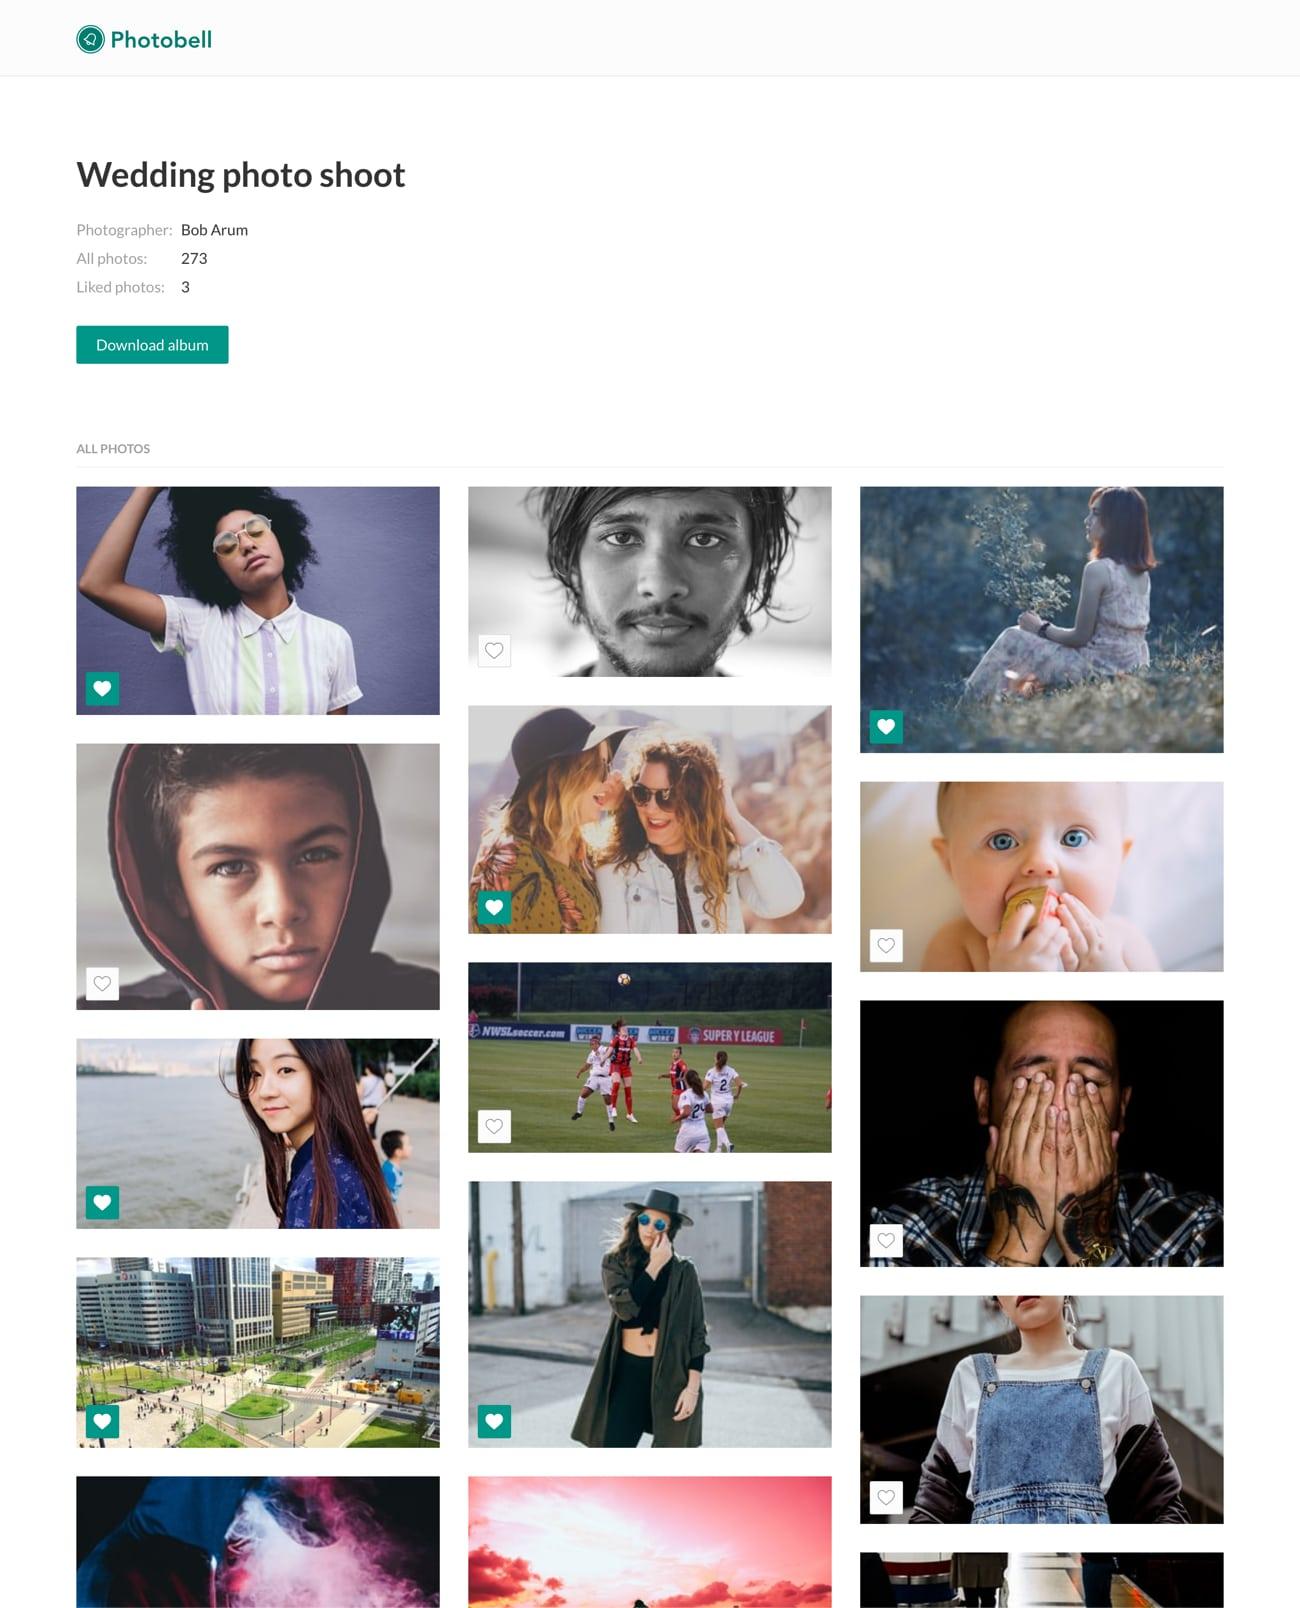 list of photos